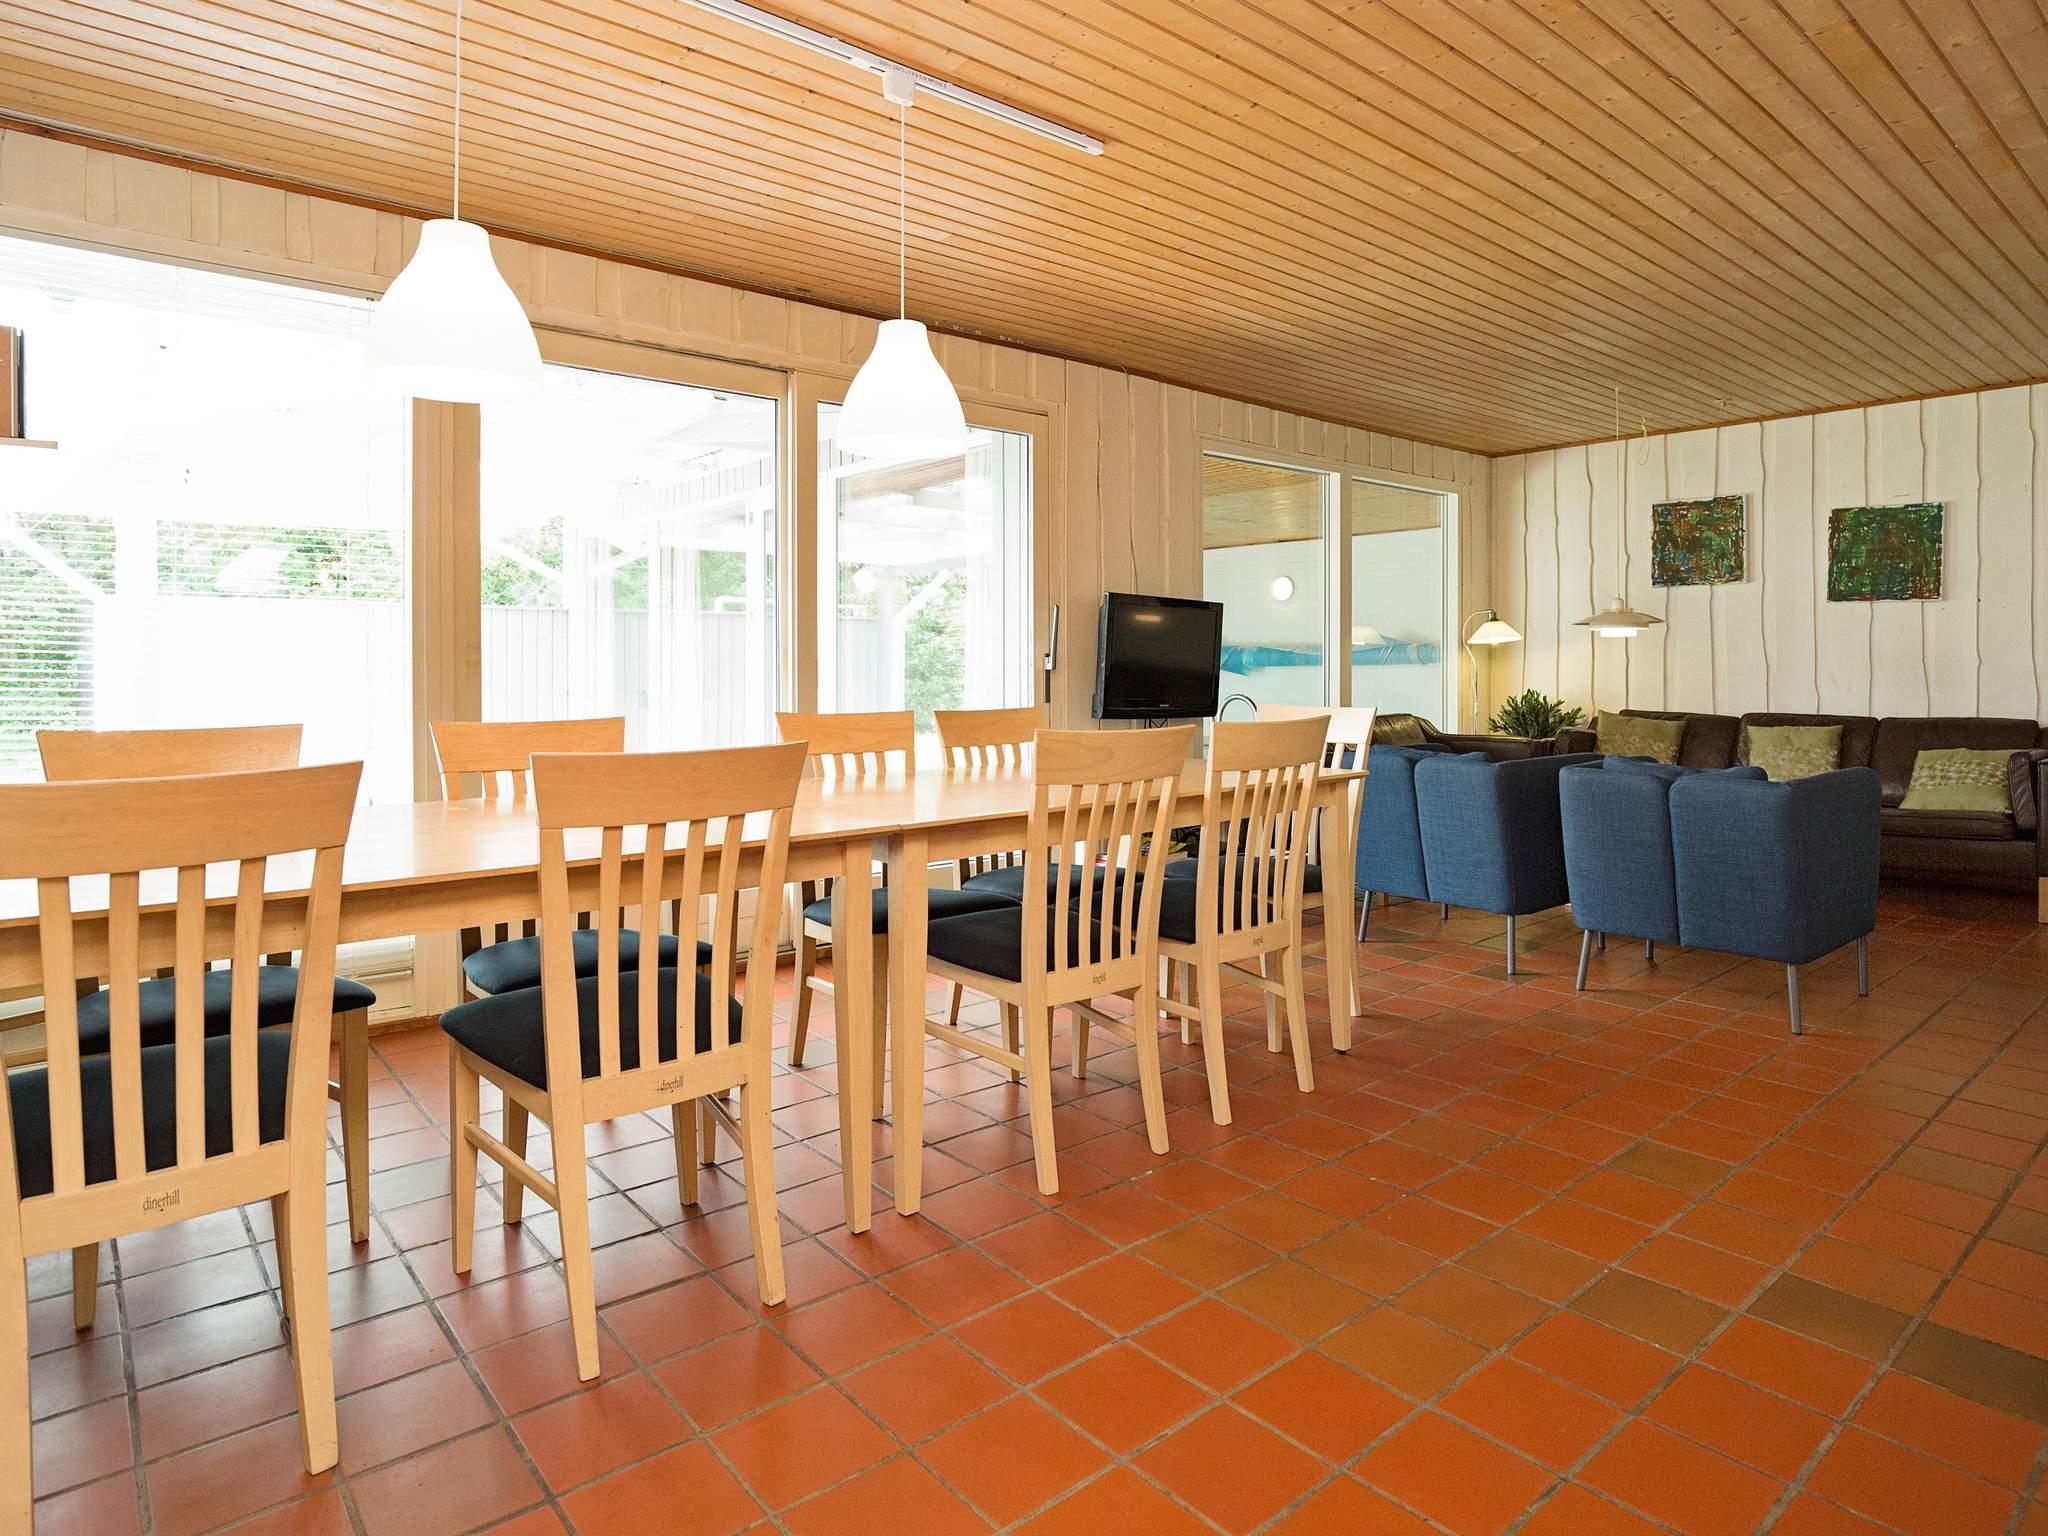 Ferienhaus Kramnitze (87285), Kramnitse, , Lolland, Dänemark, Bild 6